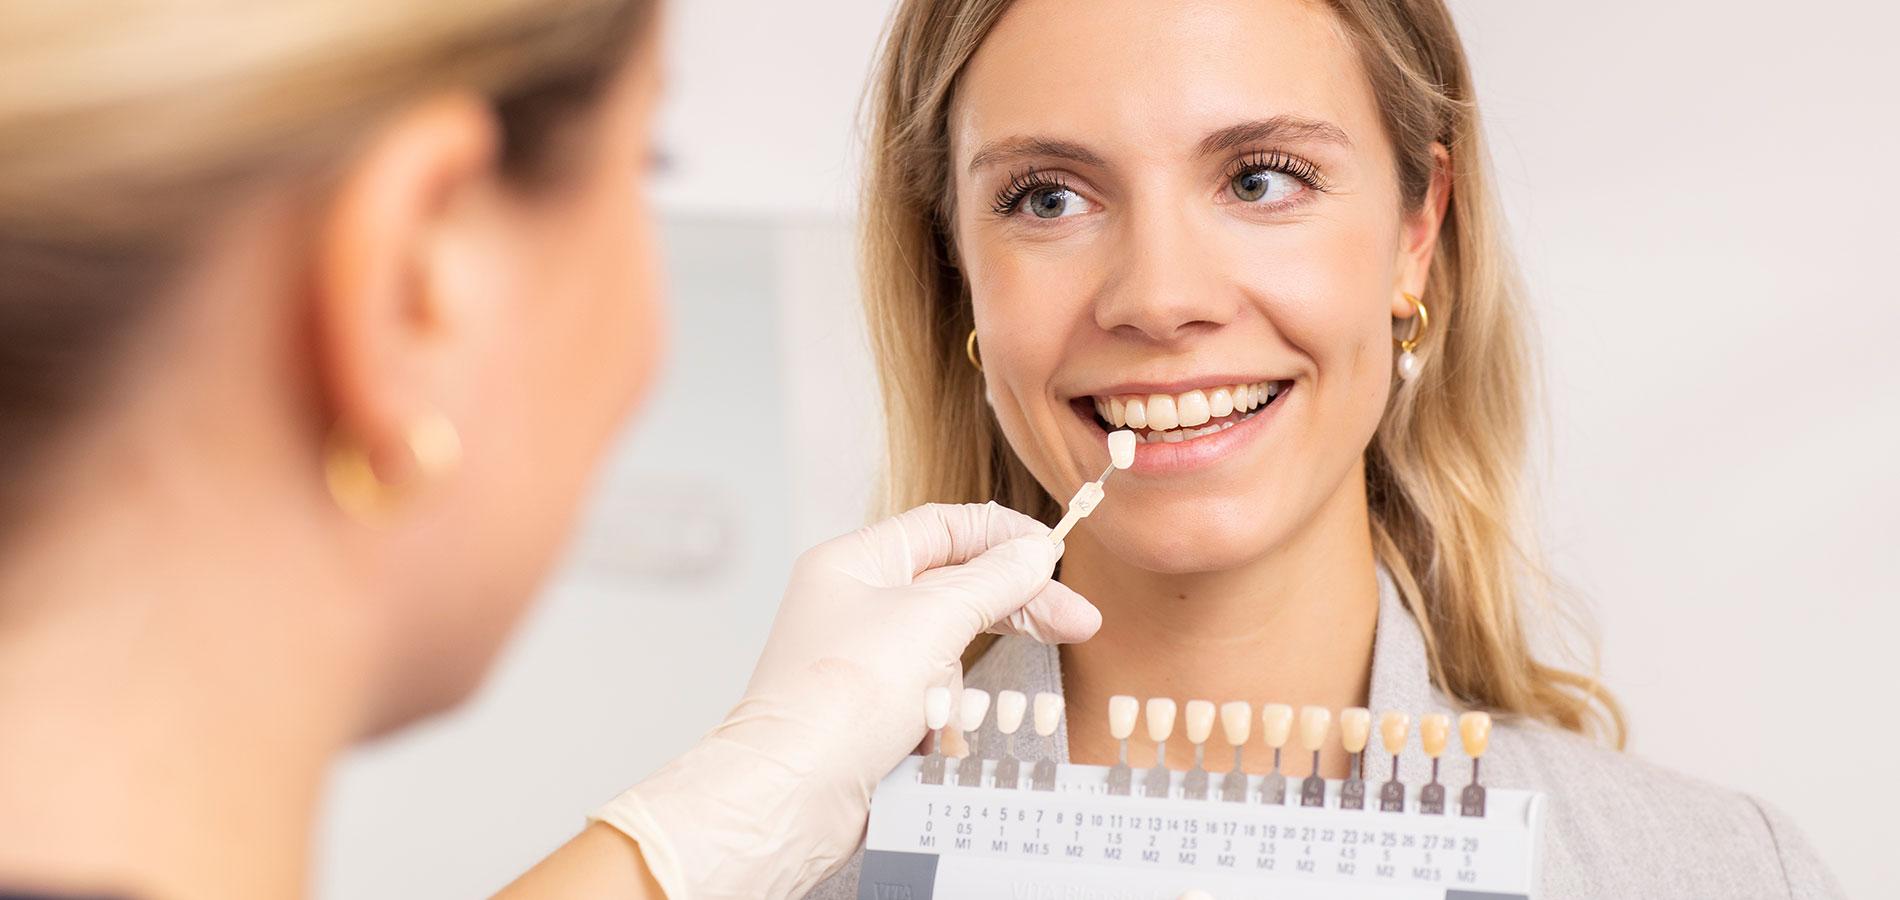 dorothee-jarleton-zahnarzt-praxis-koeln-Titelseite-Blog-Zahnaesthetik-und-Schwerpunkt-Aesthetik